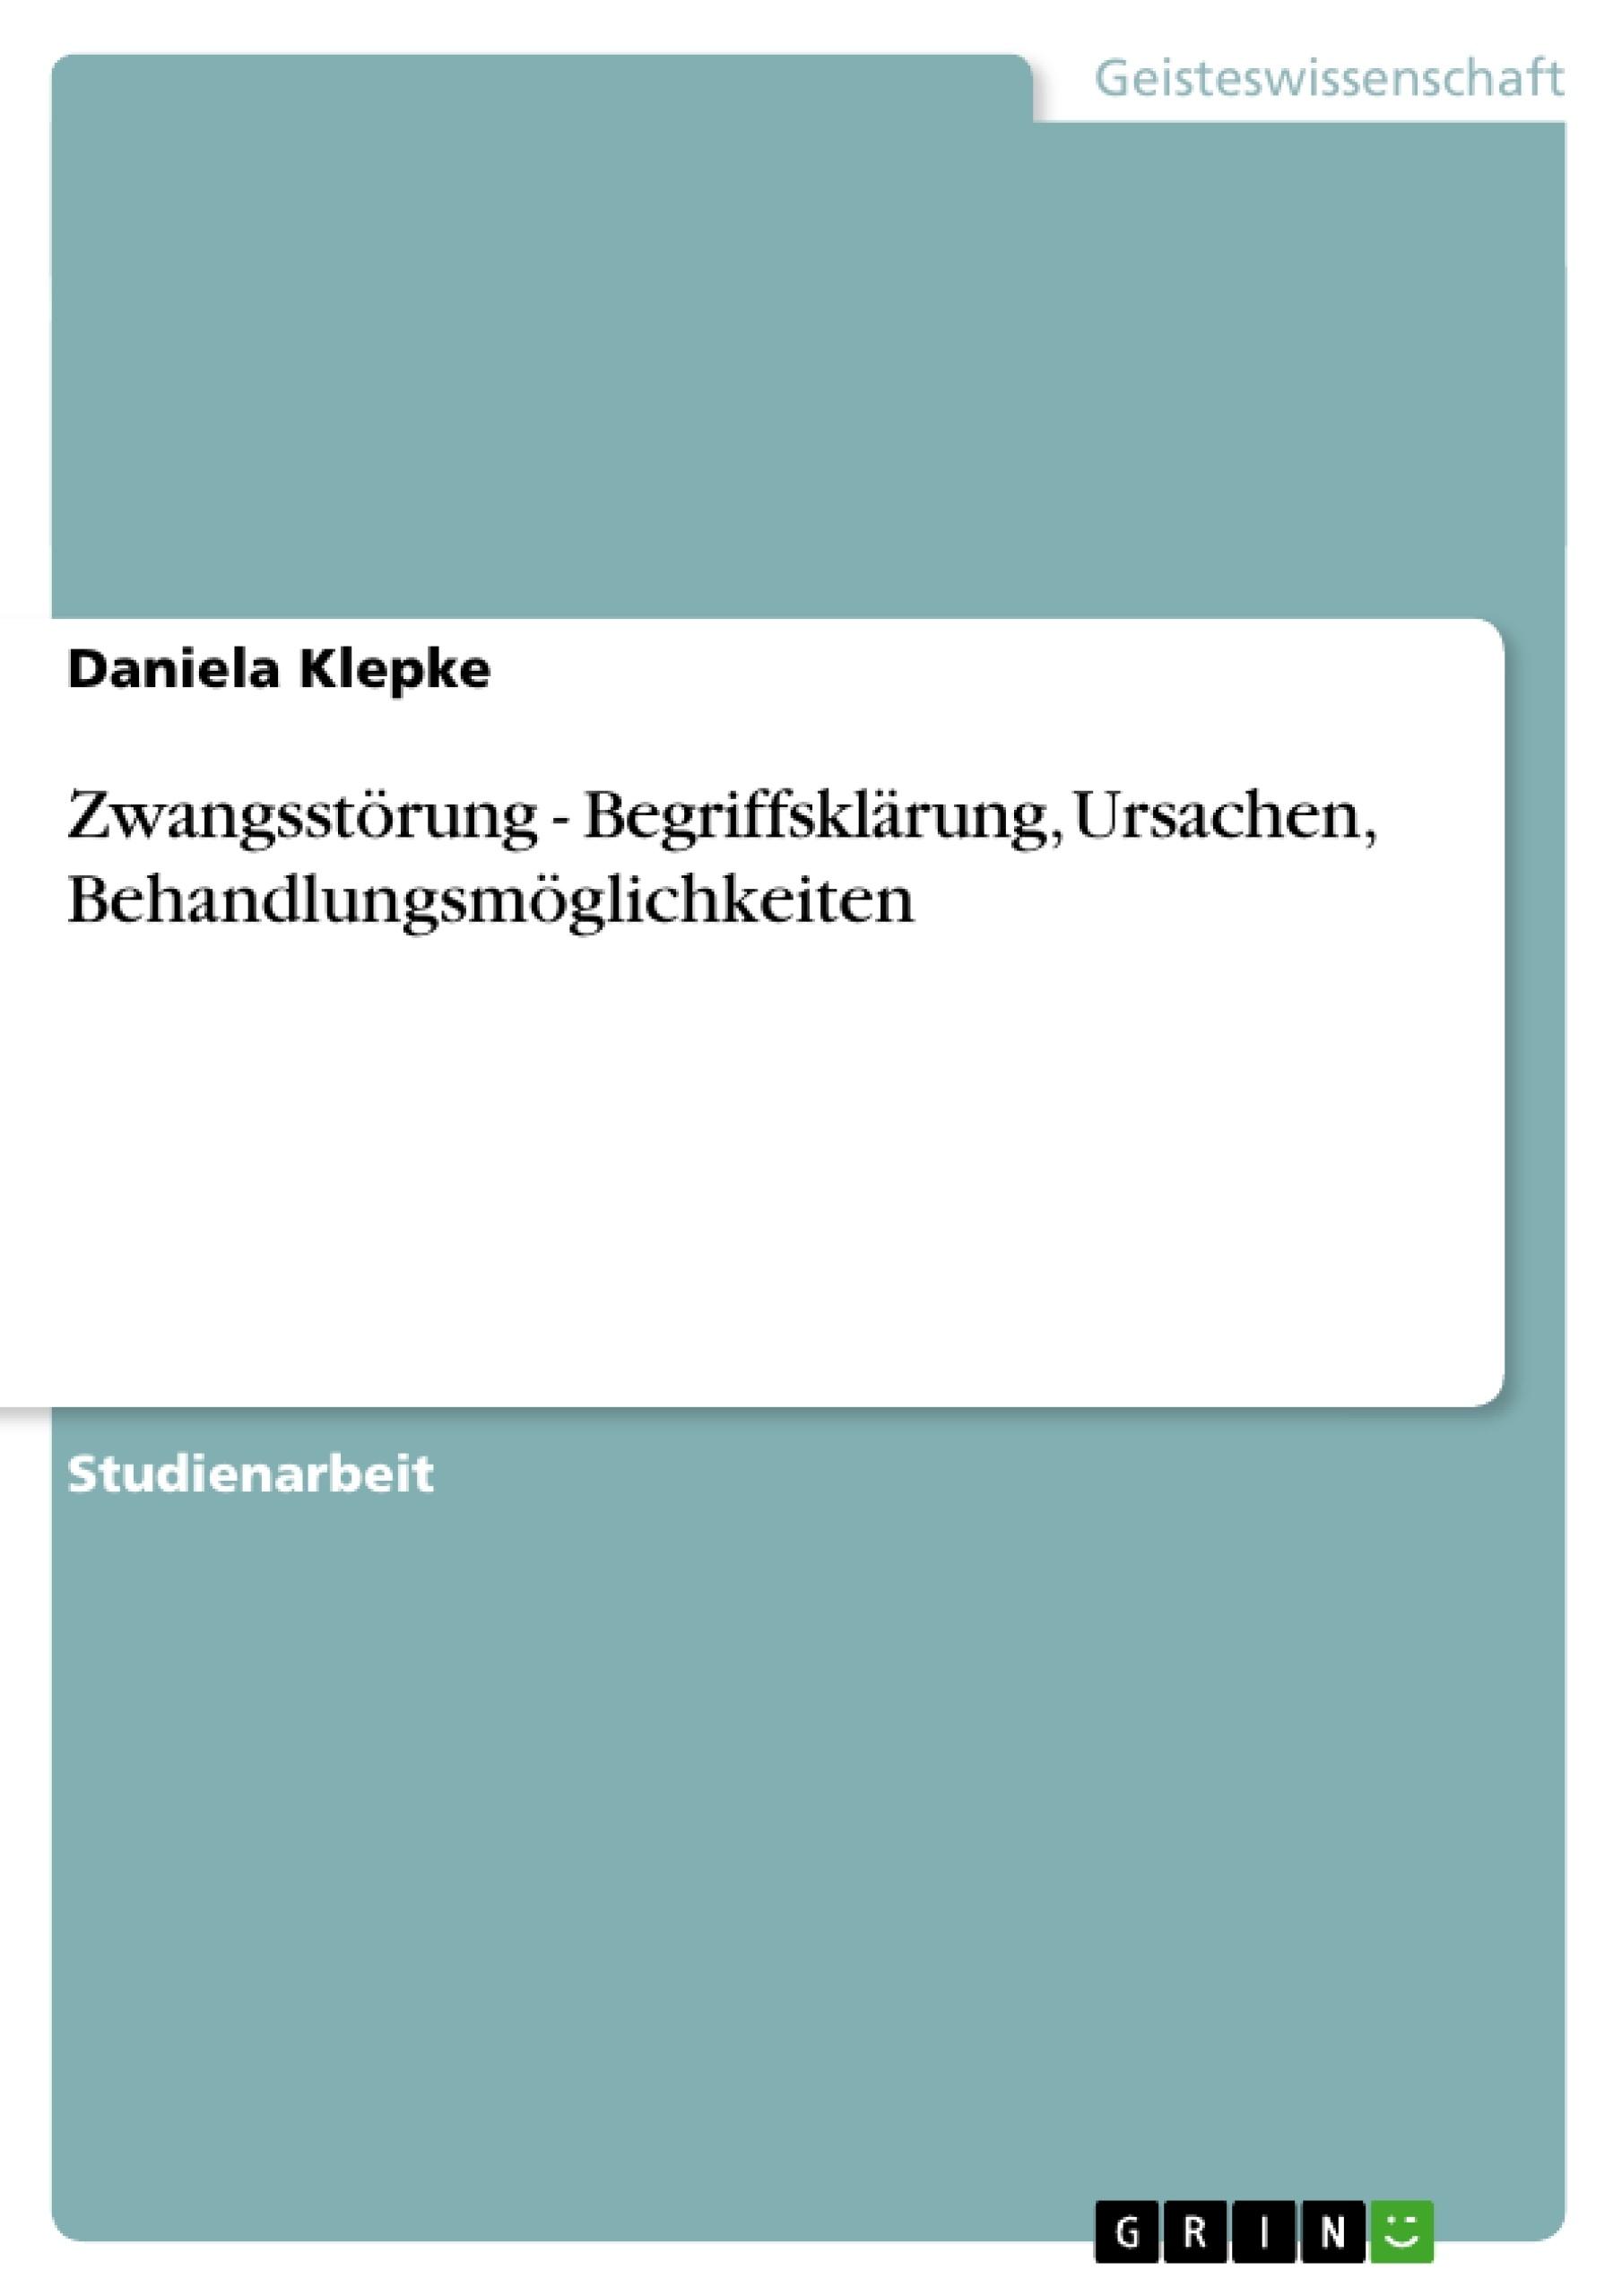 Titel: Zwangsstörung - Begriffsklärung, Ursachen, Behandlungsmöglichkeiten